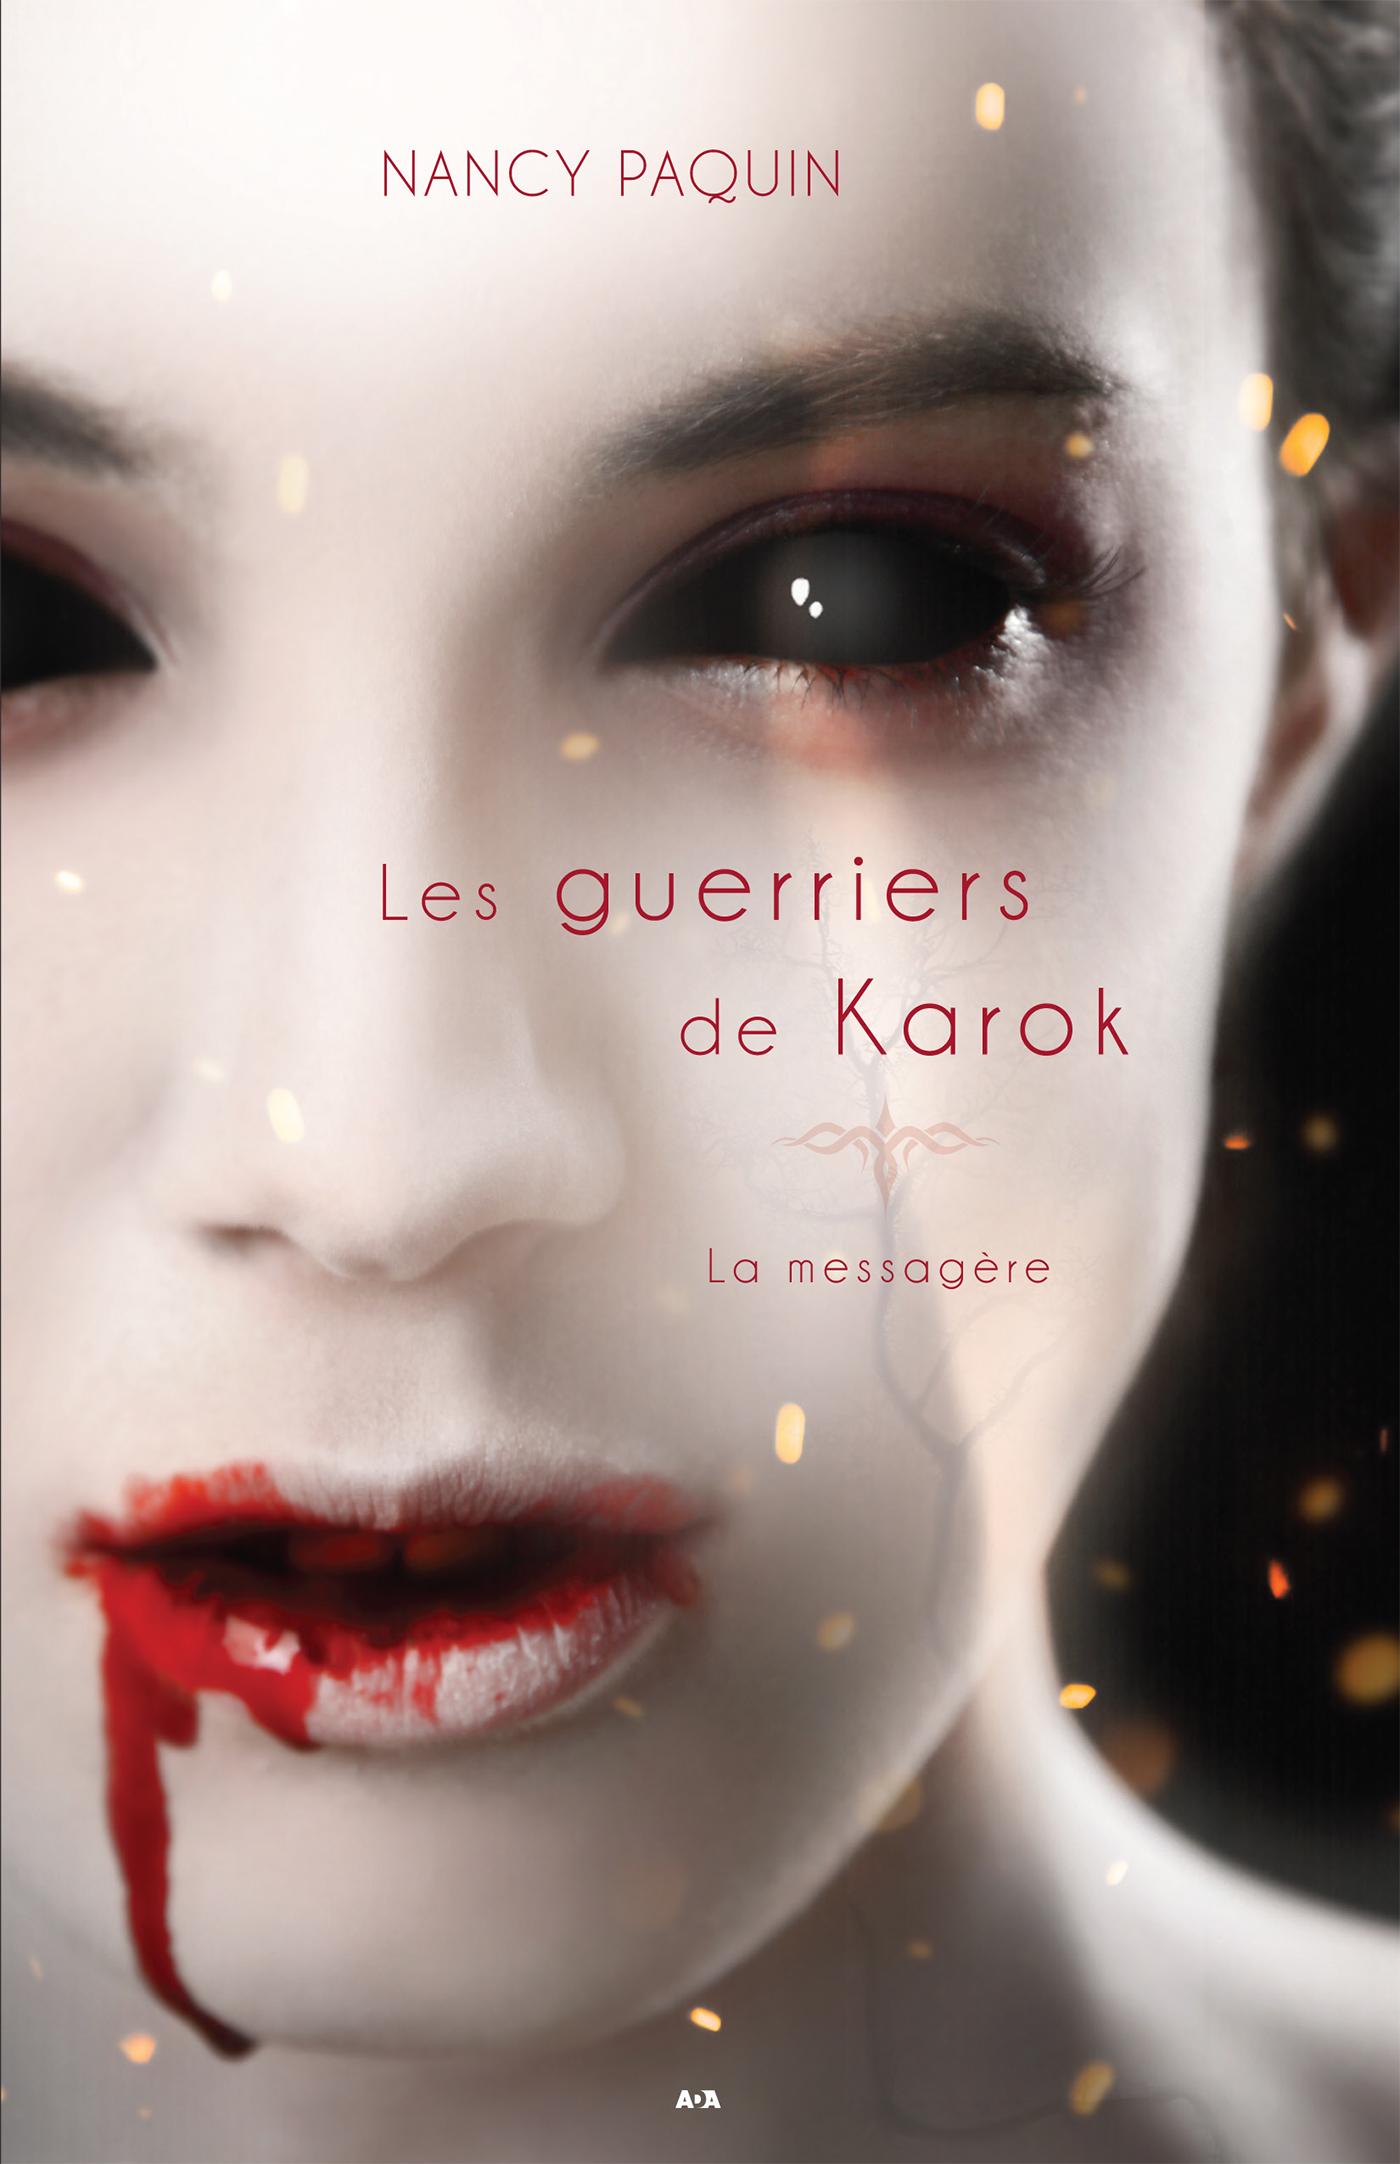 Les guerriers de Karok